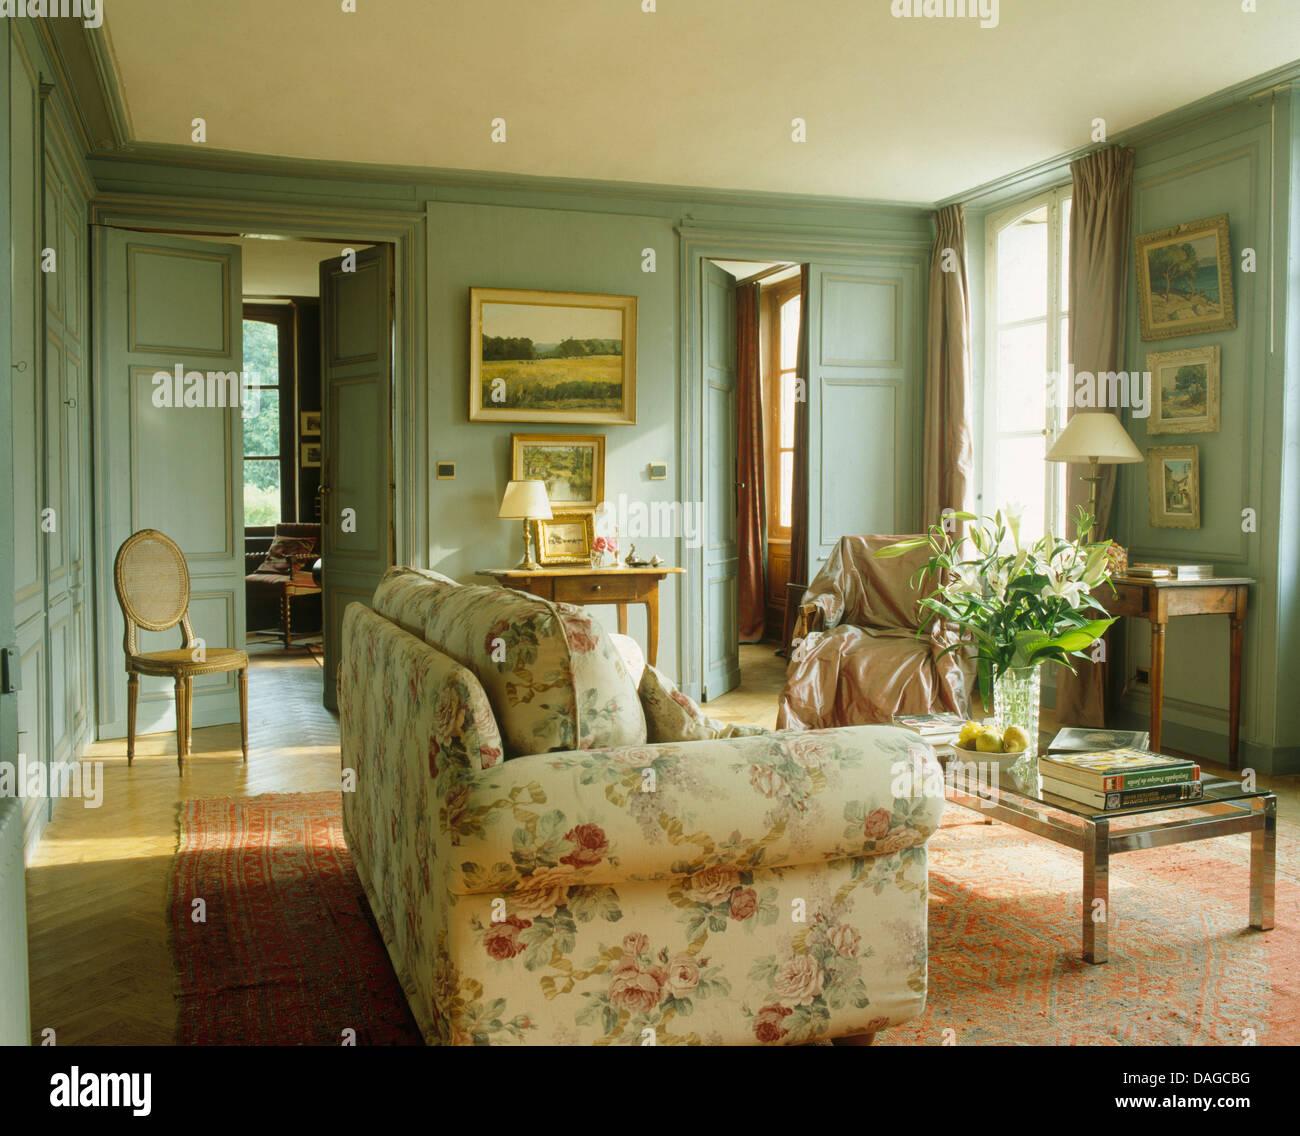 Floral Sofa Im Wohnzimmer Der Französischen Land Mit Grau Grün Gestrichene  Wände